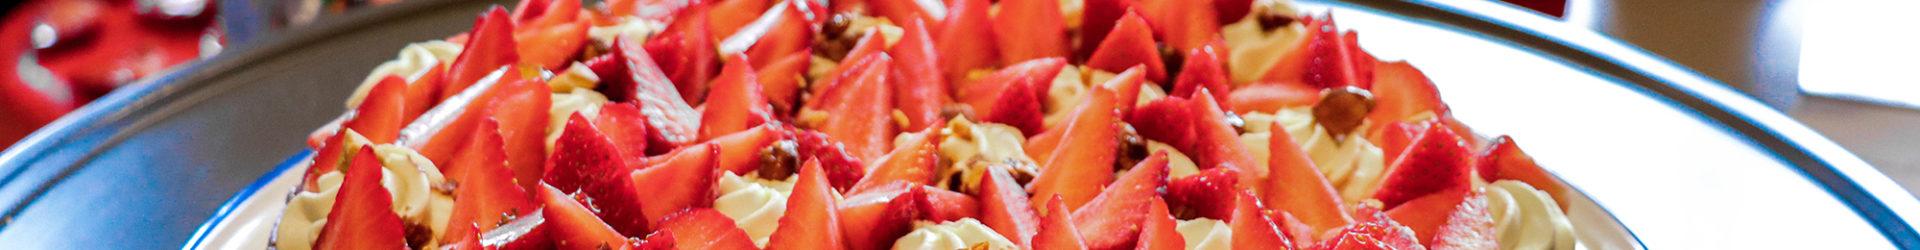 De la fraise au goûter, en voilà une bonne idée !